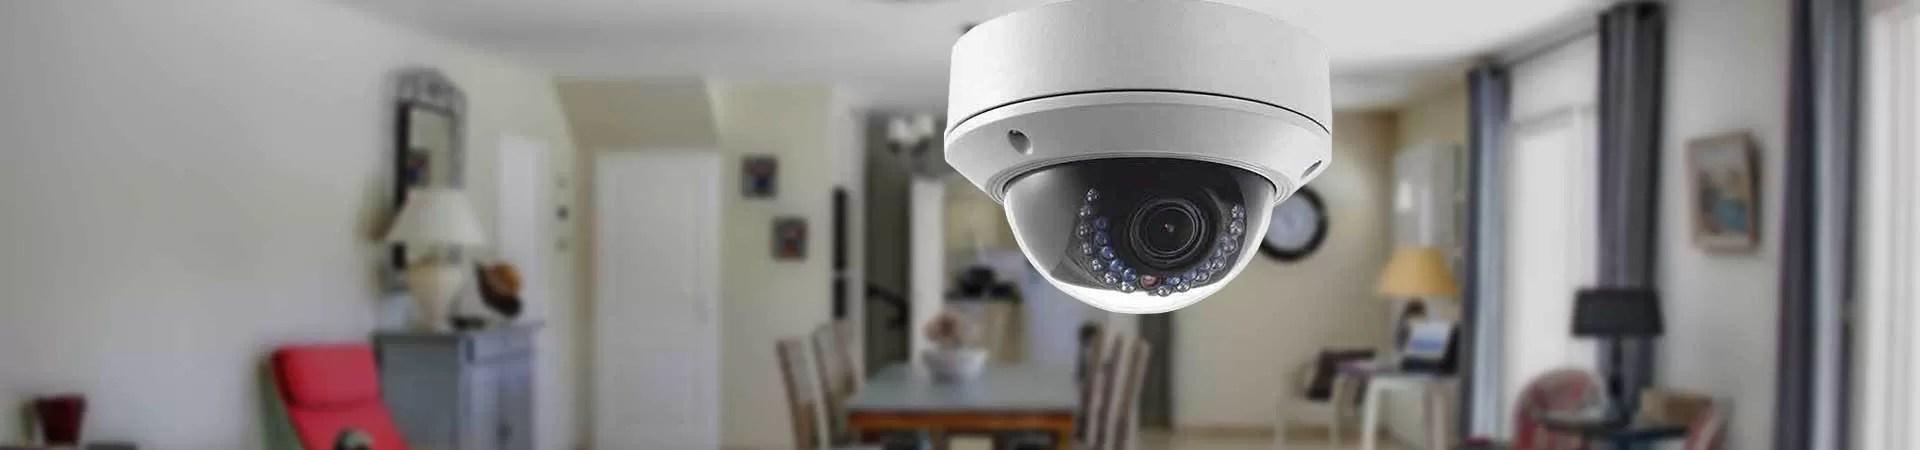 BBG security camera Cobourg